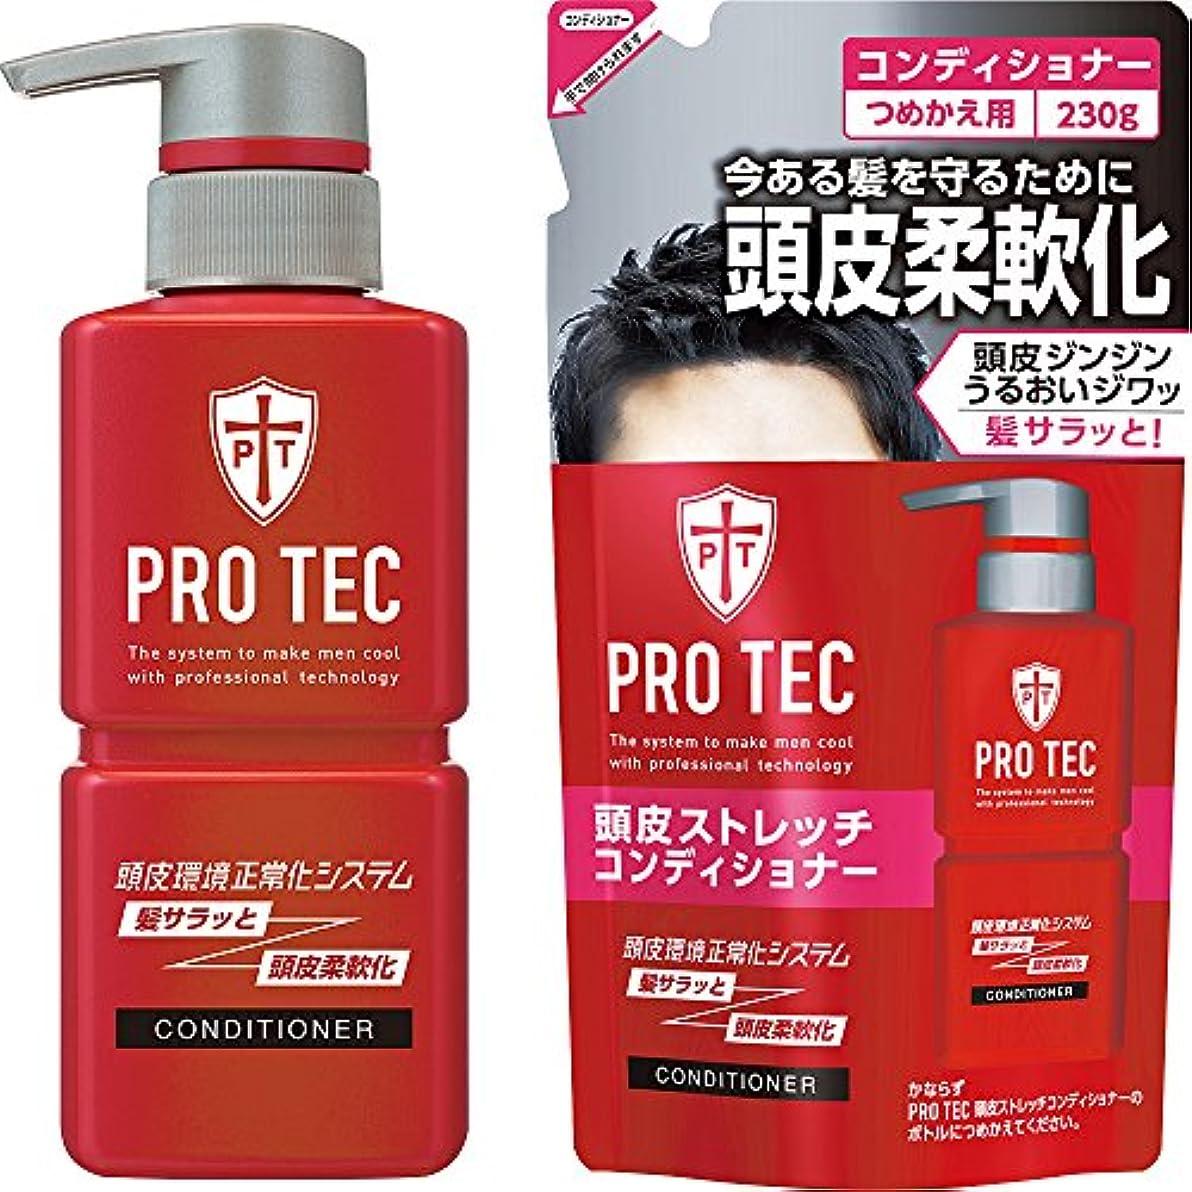 クリスチャン借りている磁気PRO TEC(プロテク) 頭皮ストレッチコンディショナー 本体ポンプ300g+詰め替え230g セット(医薬部外品)